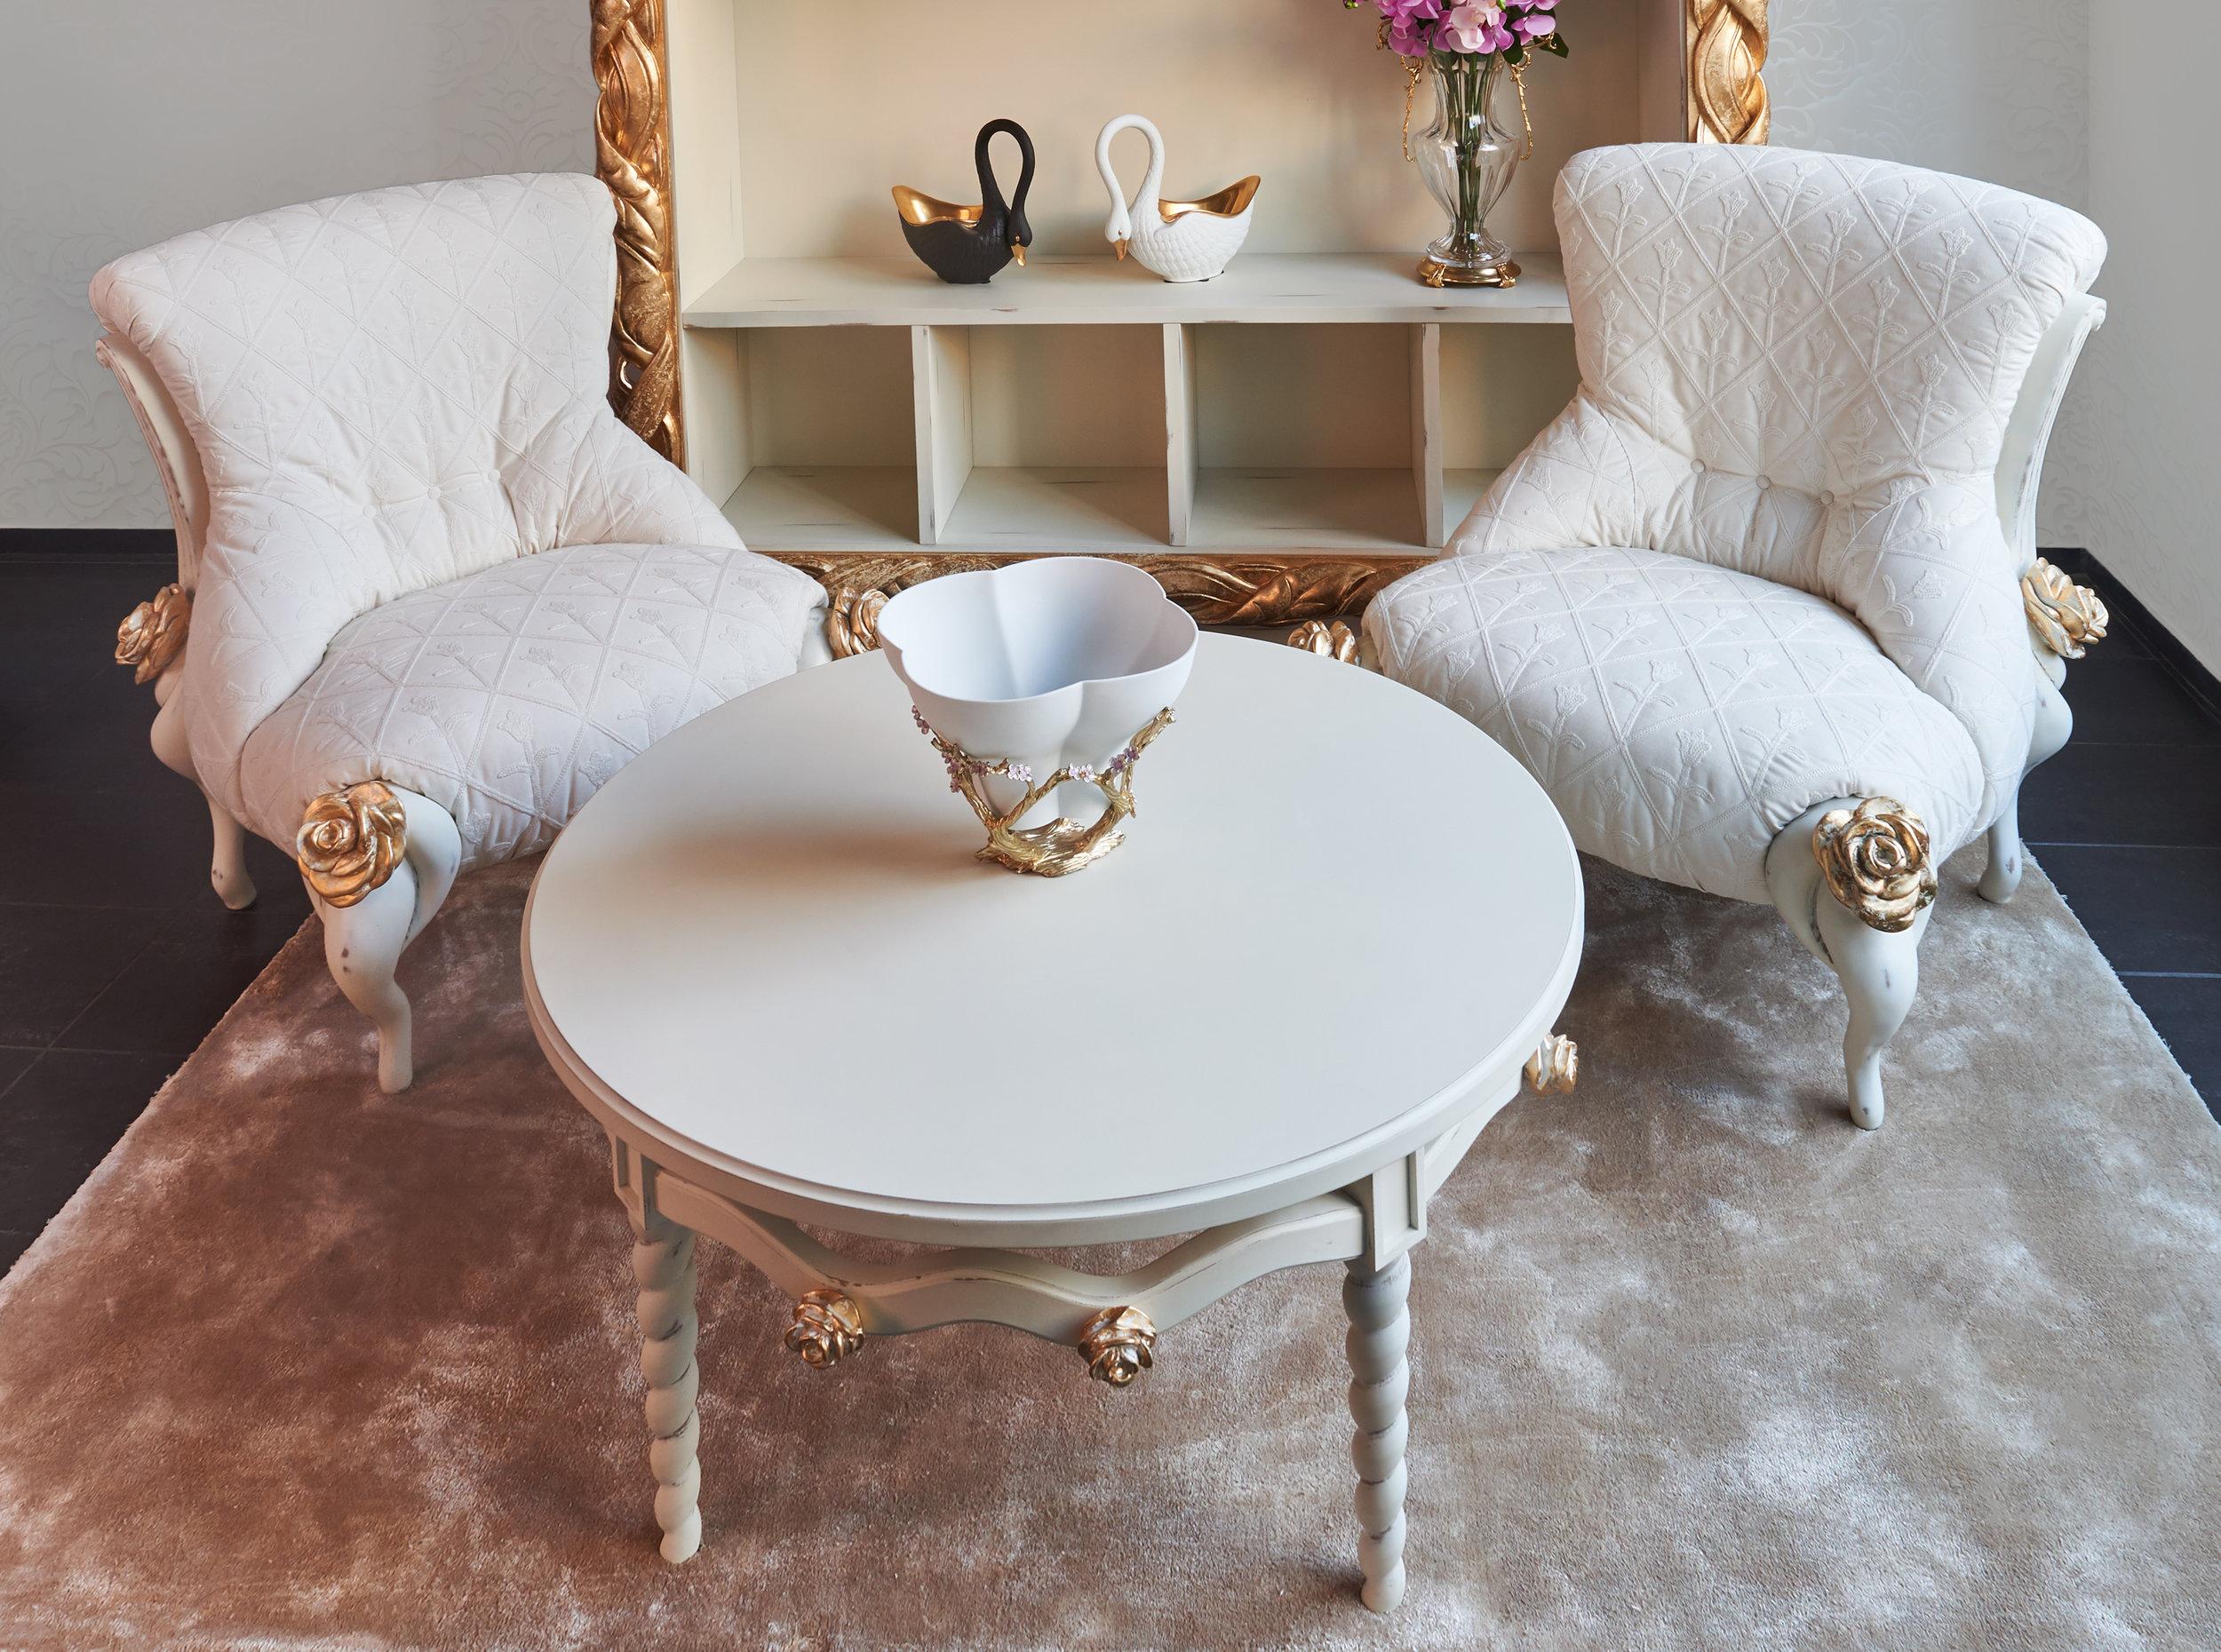 Комплект кресел с кофейным столиком фабрики Bitossi Luciano, коллекция Mon Amour..jpg